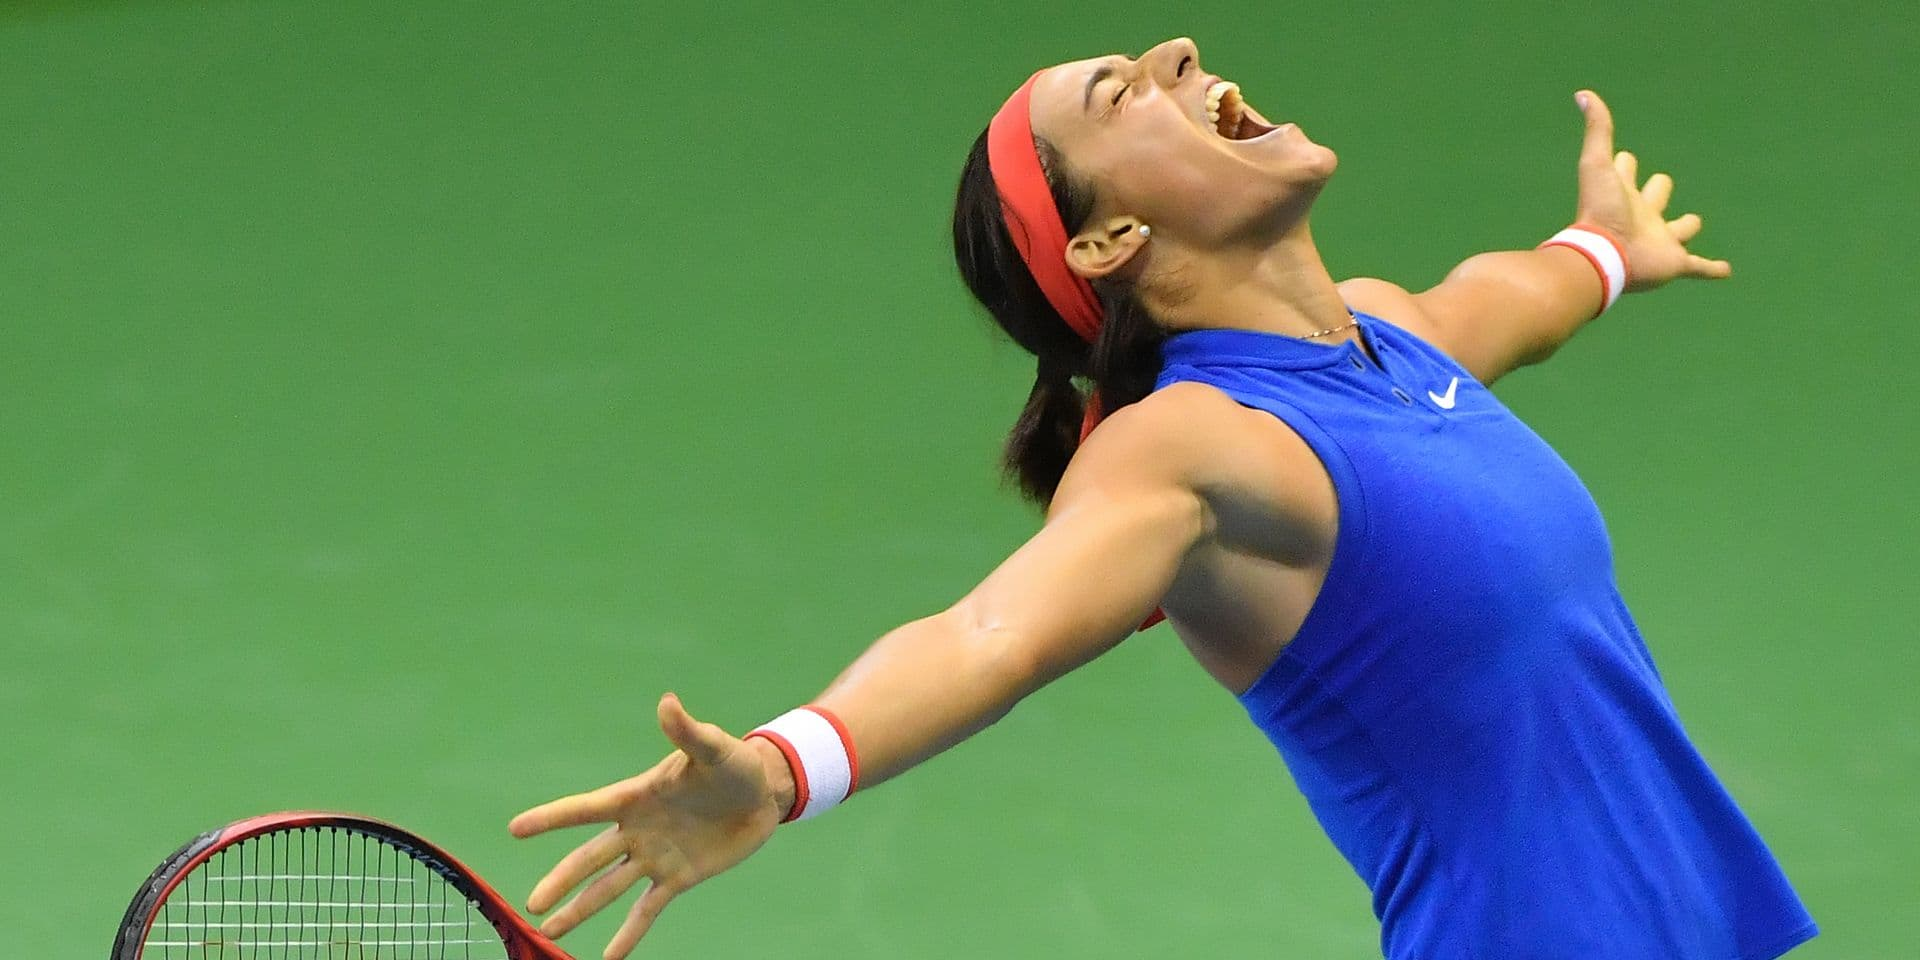 Victoire de la France face à la Belgique en Fed Cup : découvrez toutes les réactions en vidéos